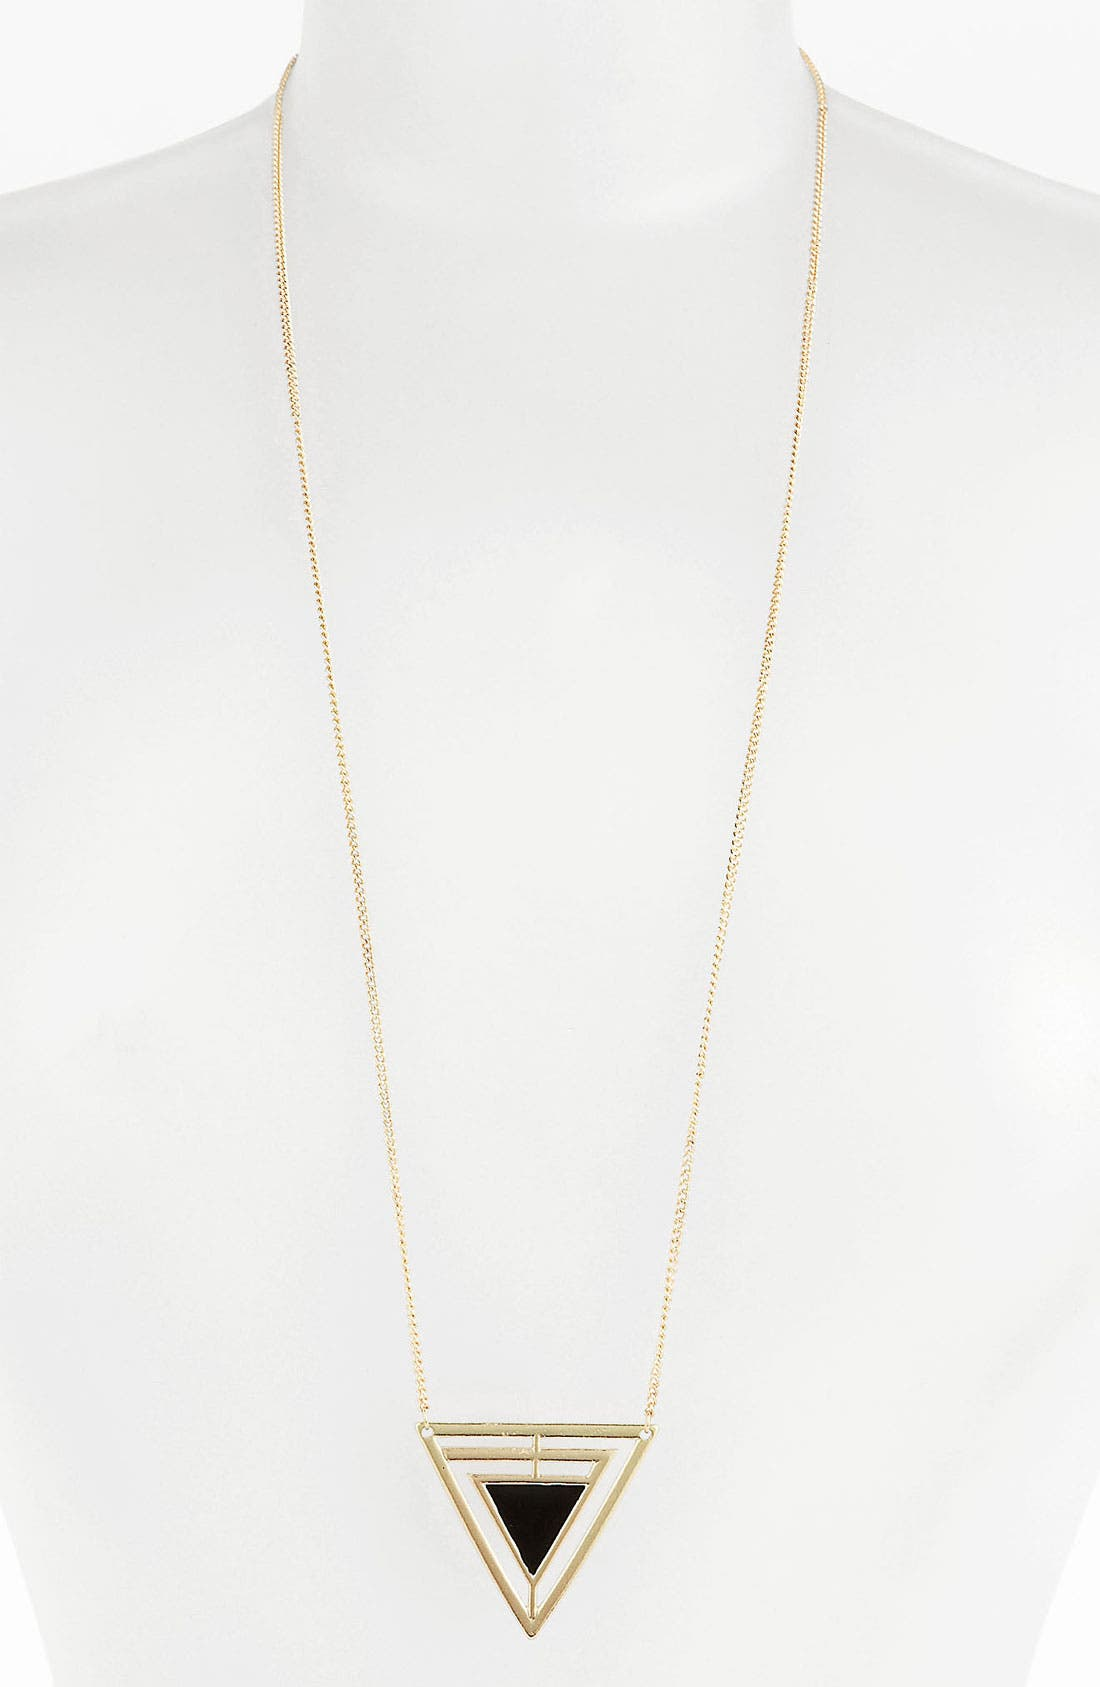 Main Image - Orion Art Deco Pendant Necklace